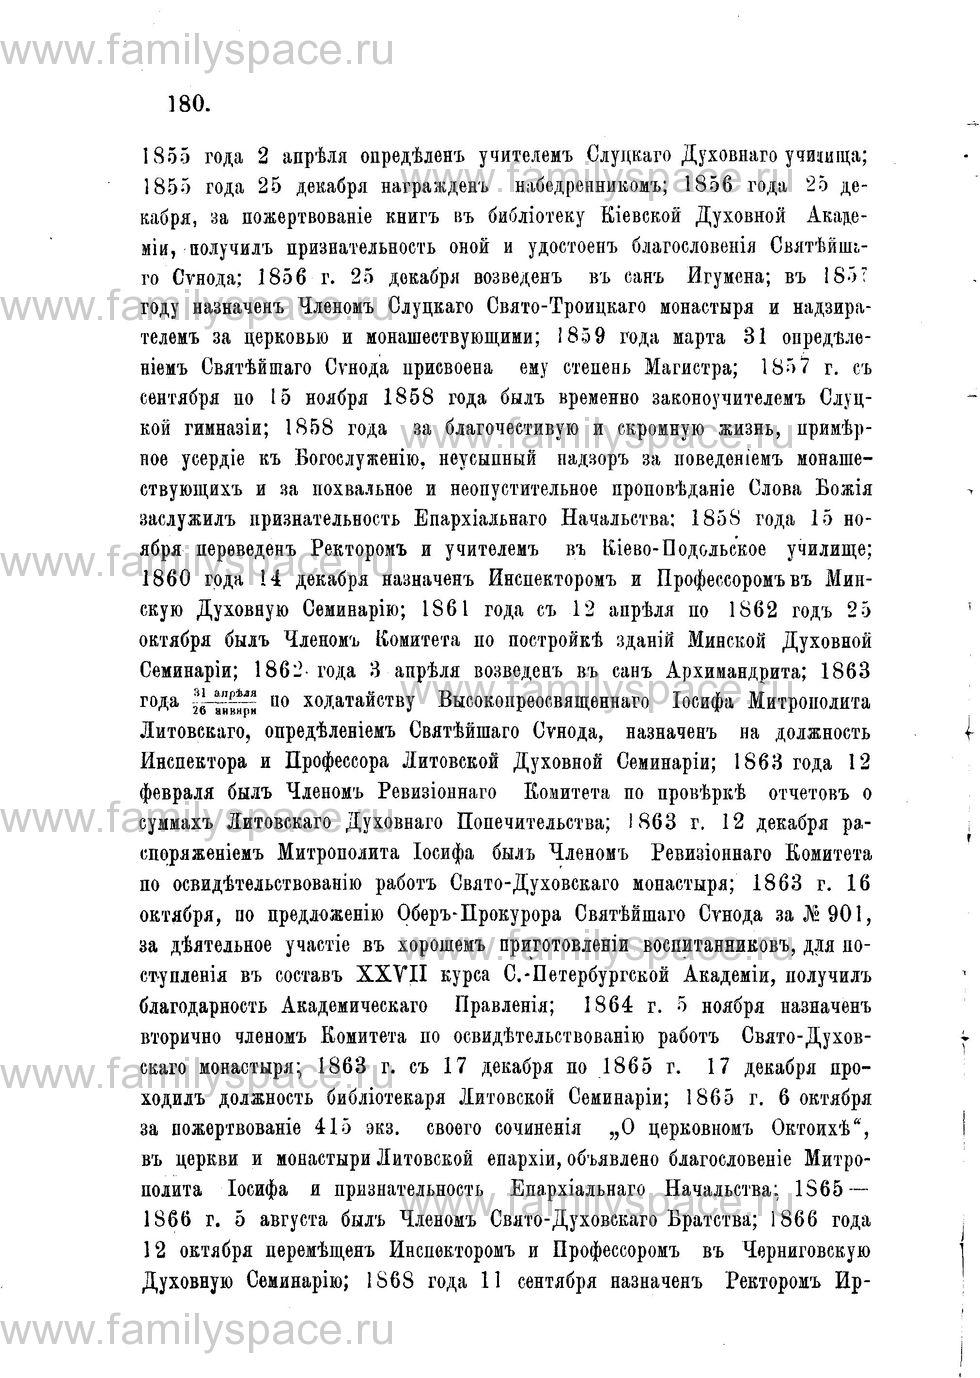 Поиск по фамилии - Адрес-календарь Нижегородской епархии на 1888 год, страница 1180